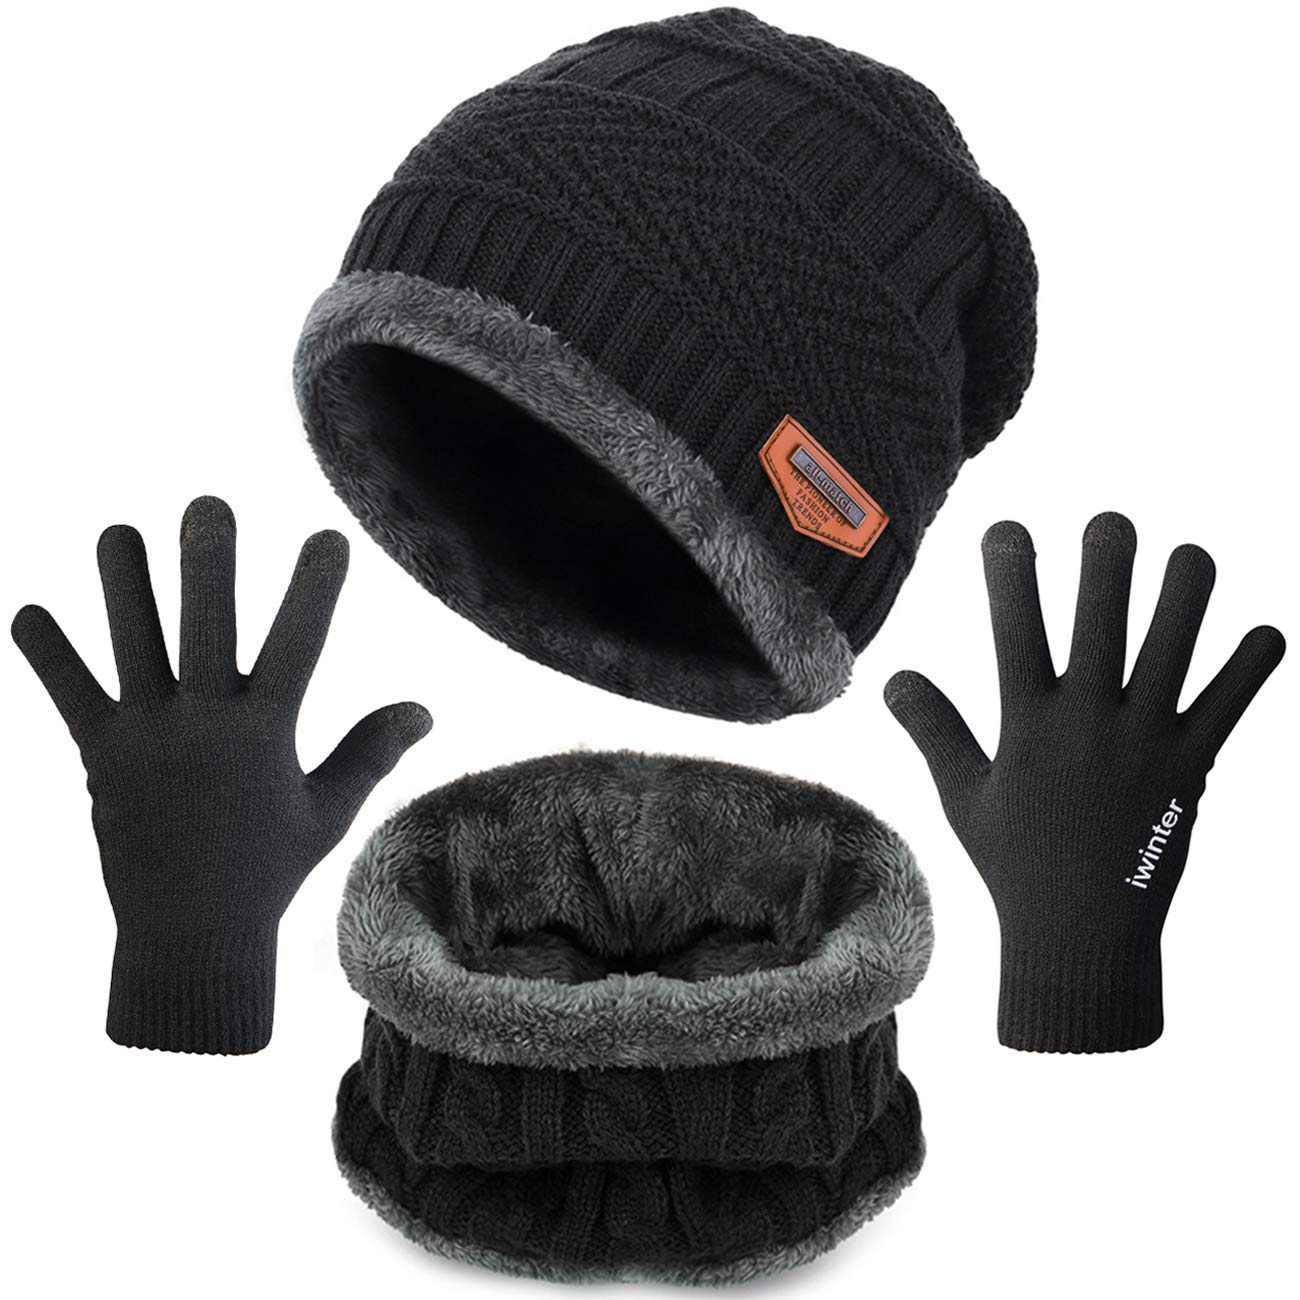 plus récent gamme exceptionnelle de styles code promo Top Packs bonnet, écharpe et gants femme selon les notes ...